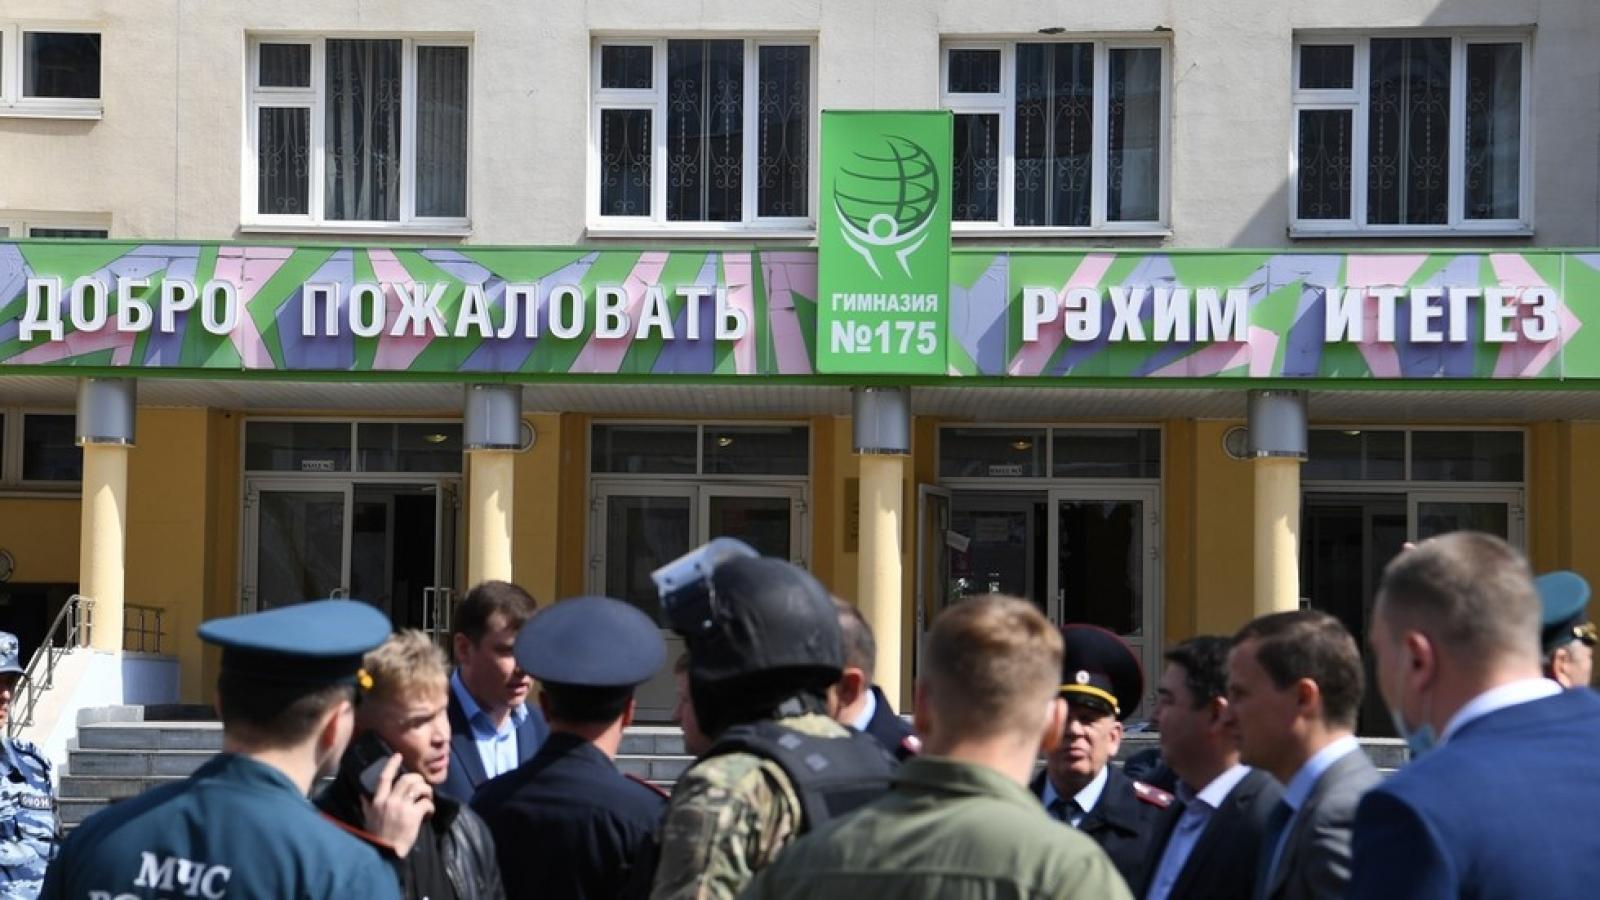 Xả súng tại trường học ở Nga, ít nhất 8 người thiệt mạng